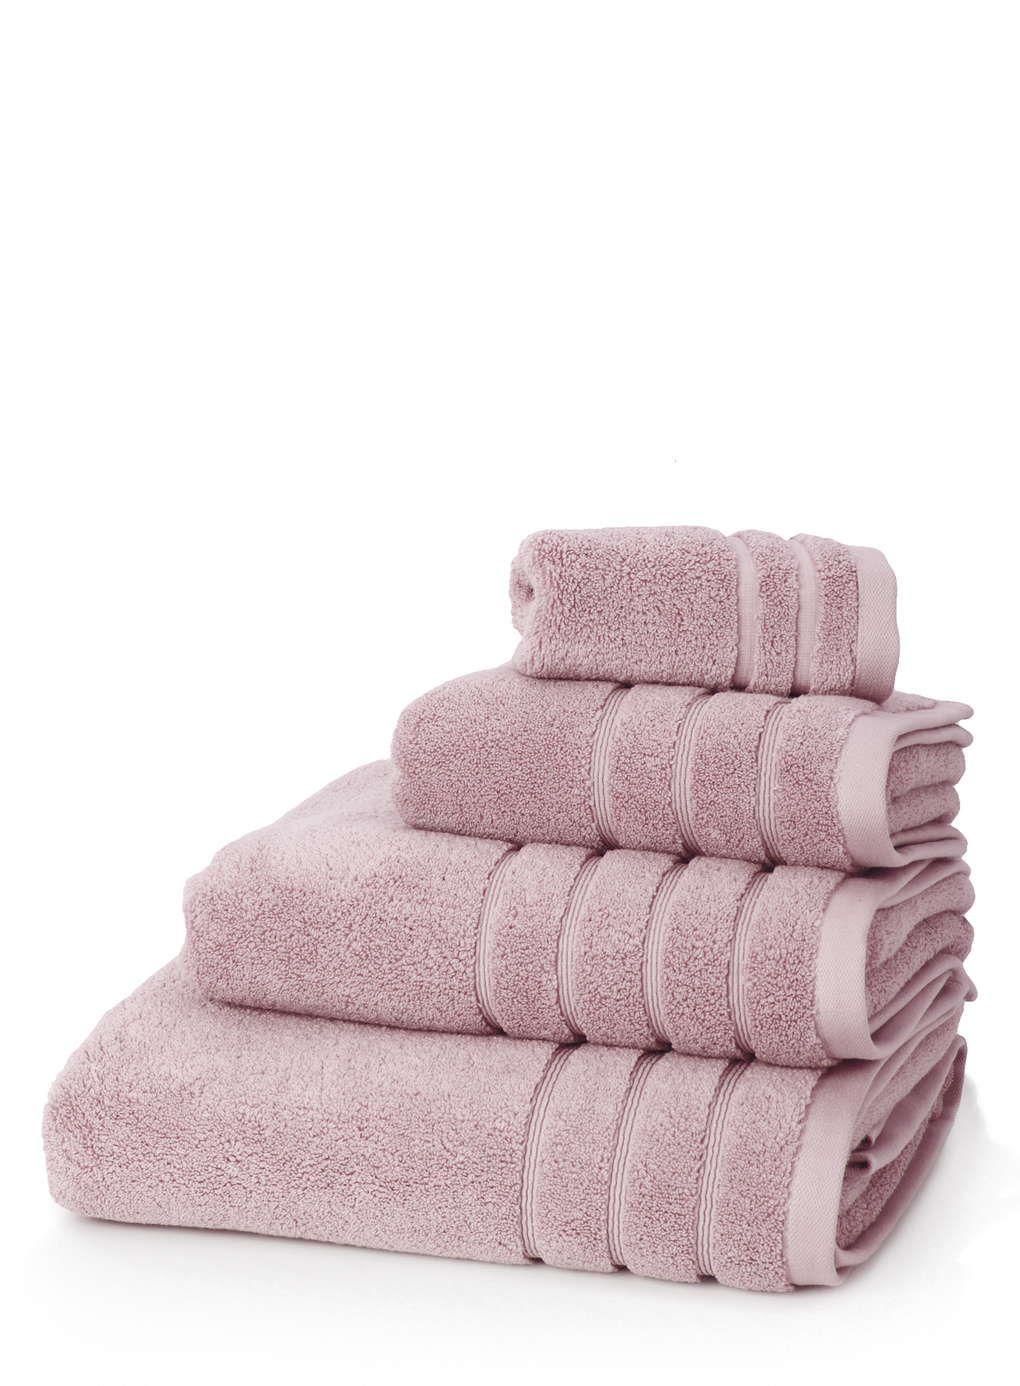 Vintage Pink Ultimate Towel Range Pink Bath Towels Pink Towels